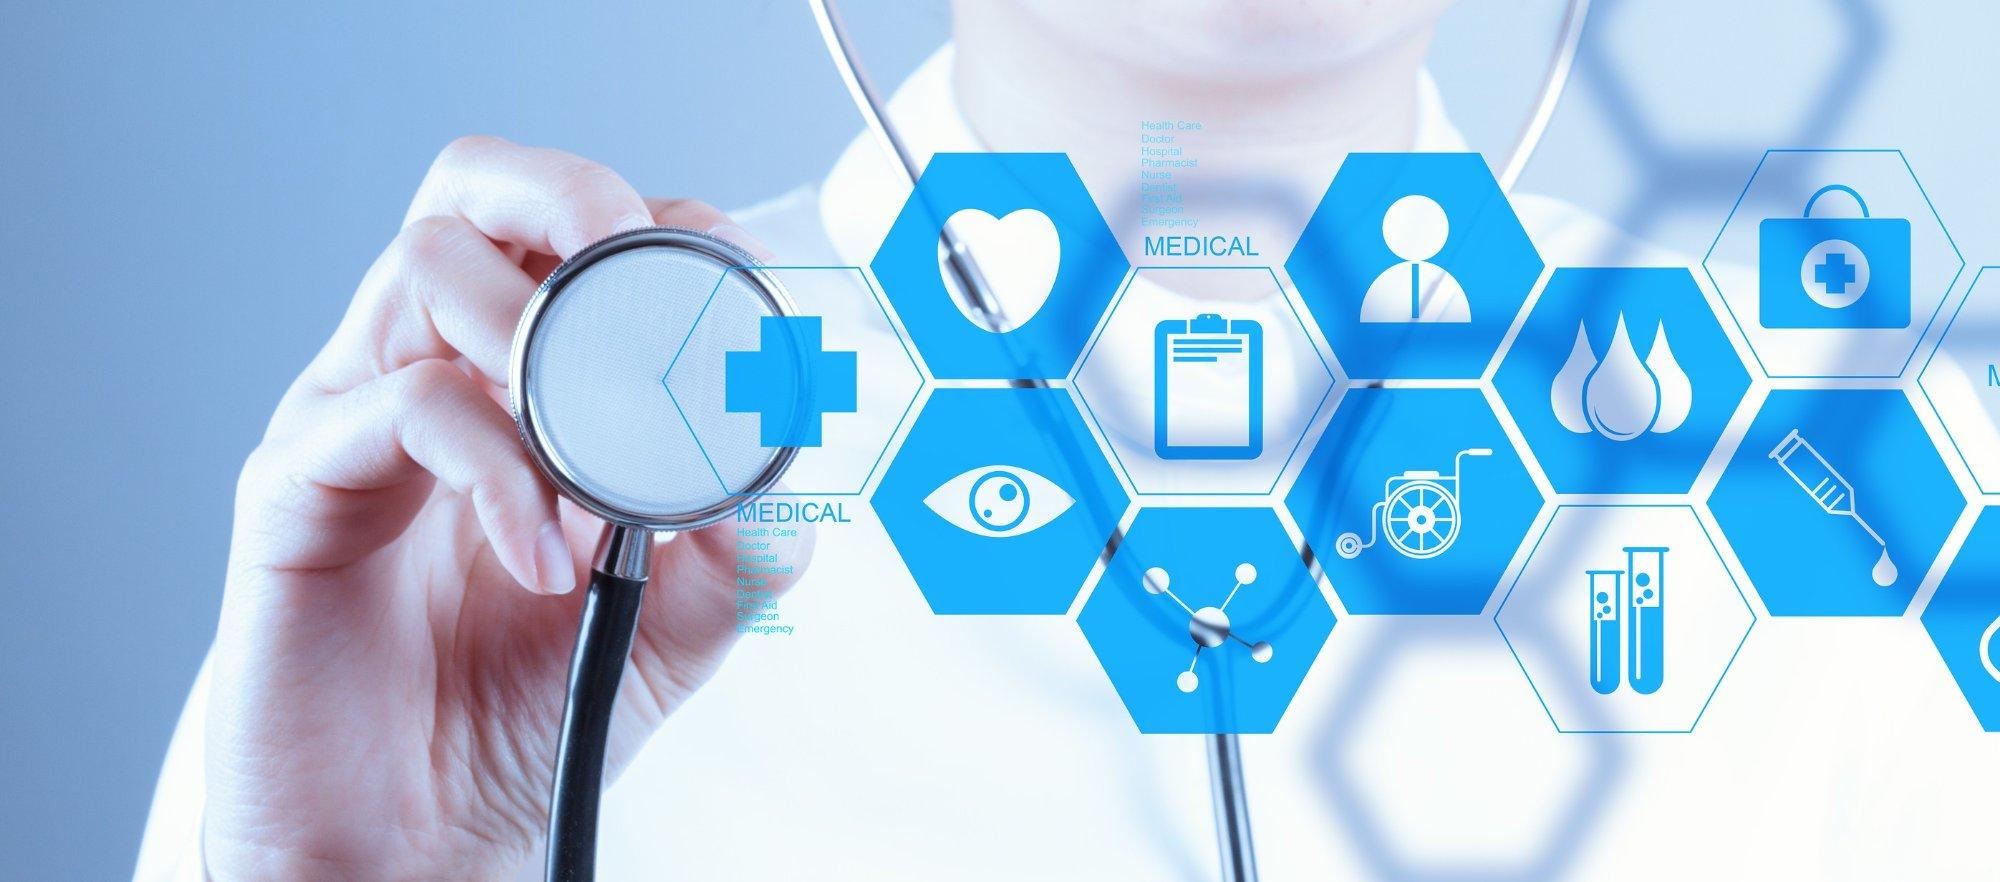 Lean Management: Perchè applicarlo in ambito sanitario?